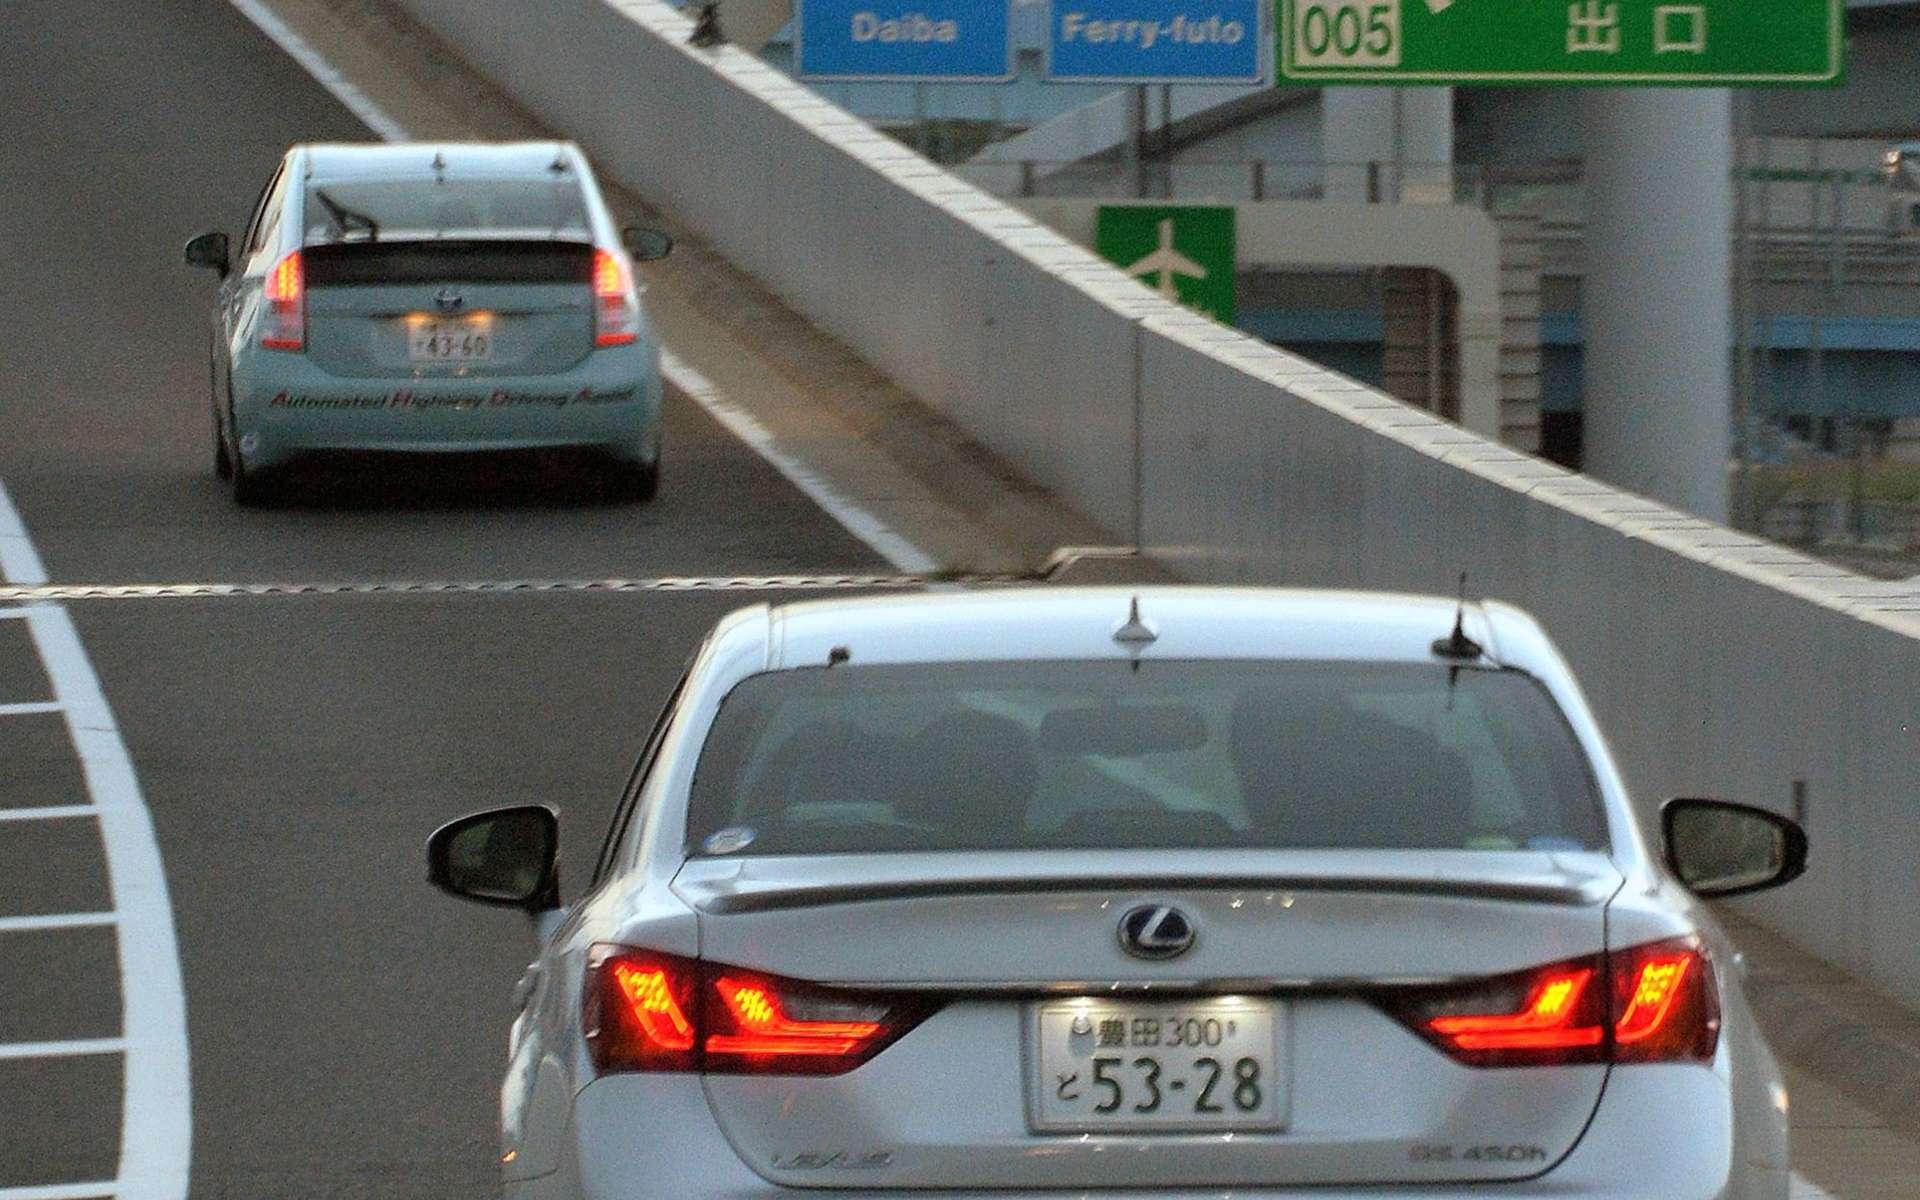 Le système de conduite Automated Highway Driving Assist testé en conditions réelles sur une autoroute japonaise : la voiture communique par radio avec les systèmes de suivi du trafic. © AFP Photo, Yoshikazu Tsuno